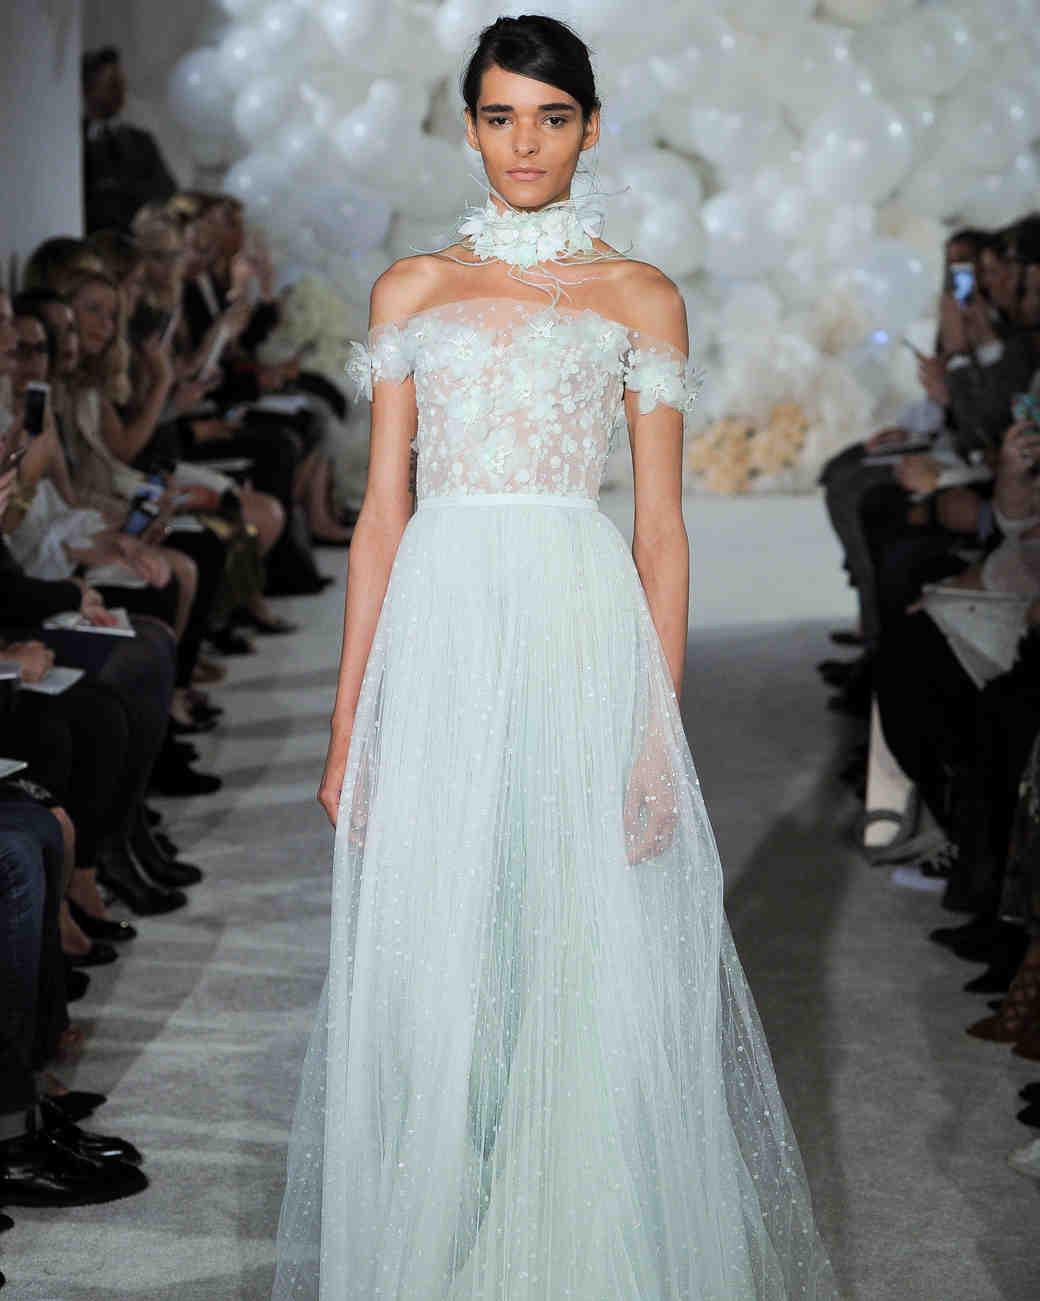 Luxury Emilio Pucci Wedding Dress Embellishment - Wedding Plan Ideas ...